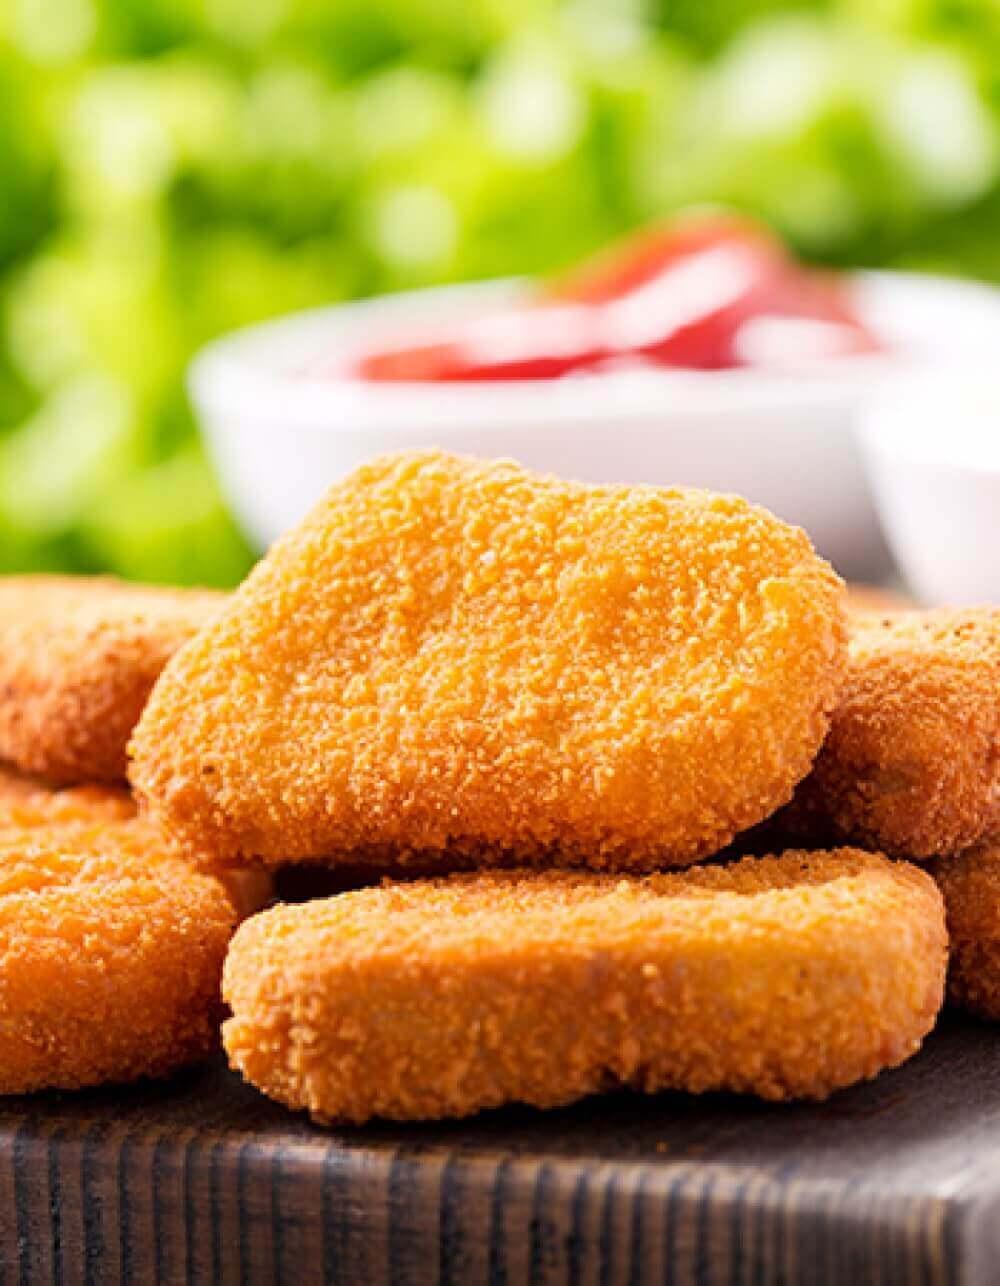 Okul Çağı Çocuklarının Beslenmesinde Hayvansal Proteinin Önemi